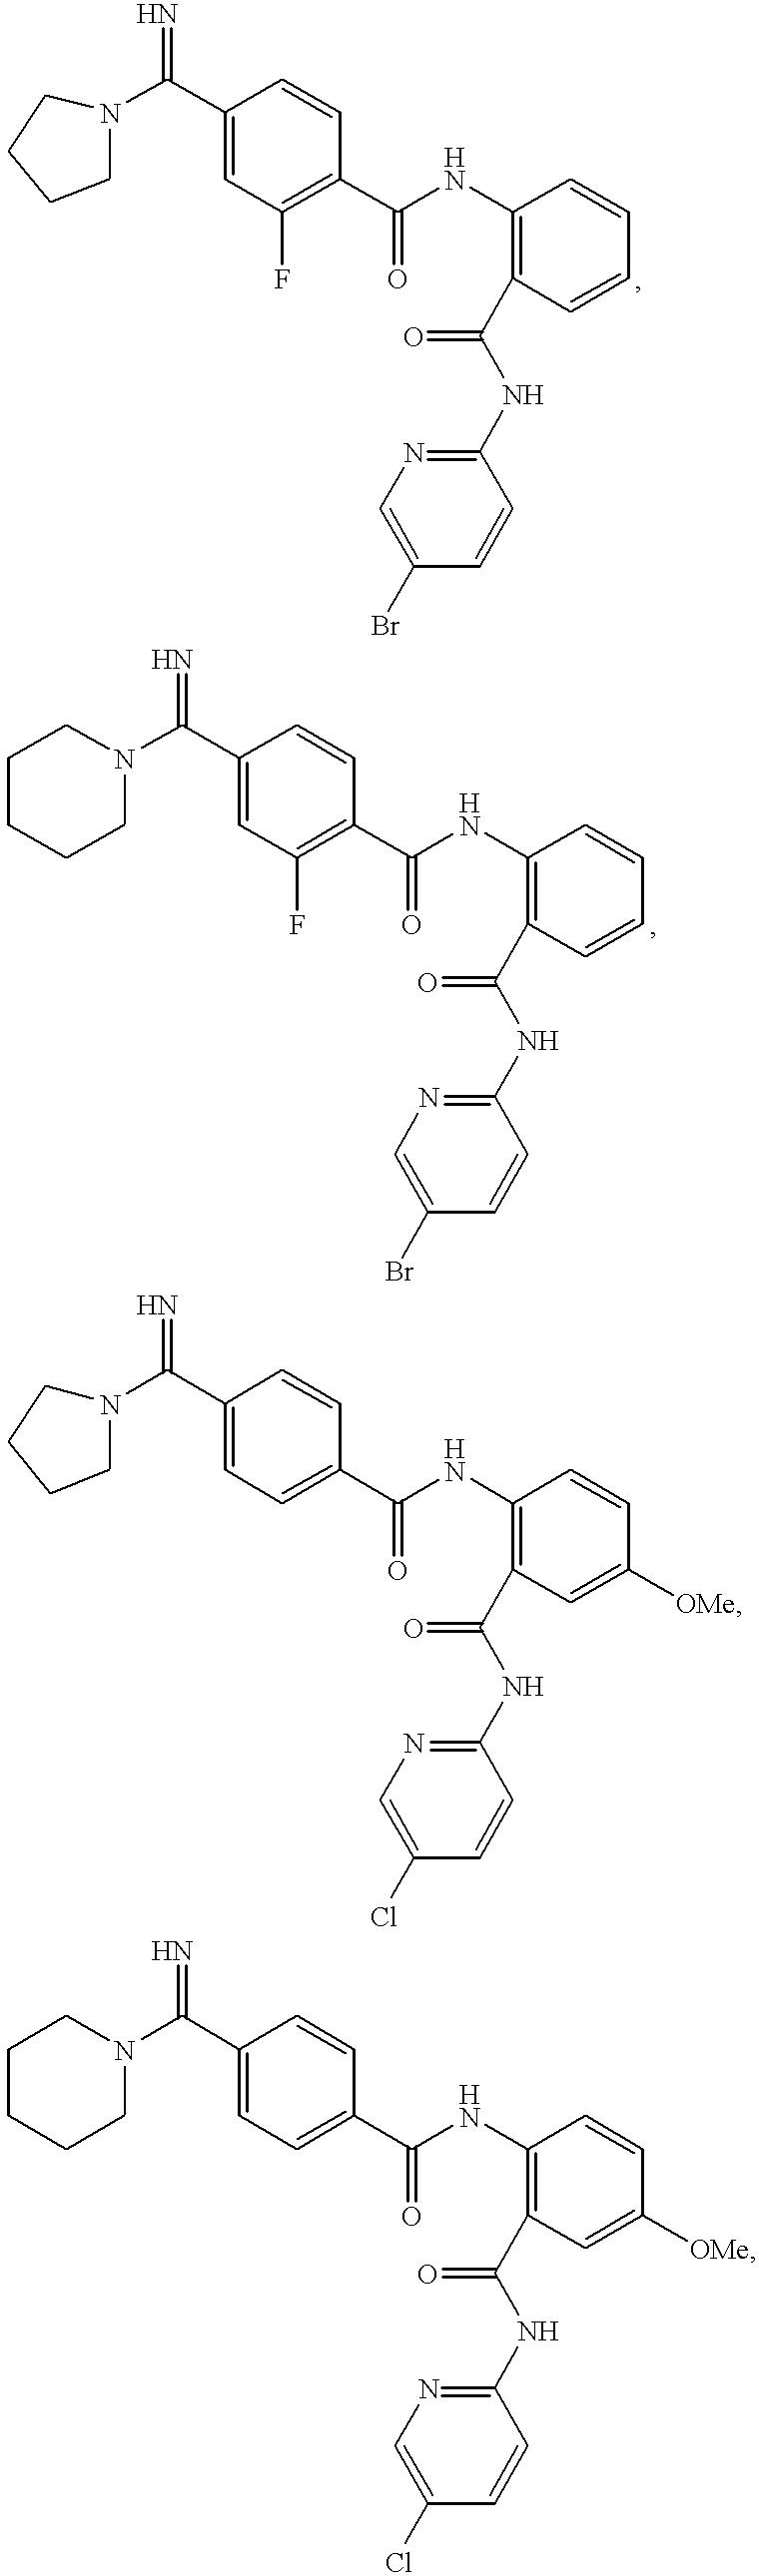 Figure US06376515-20020423-C00061